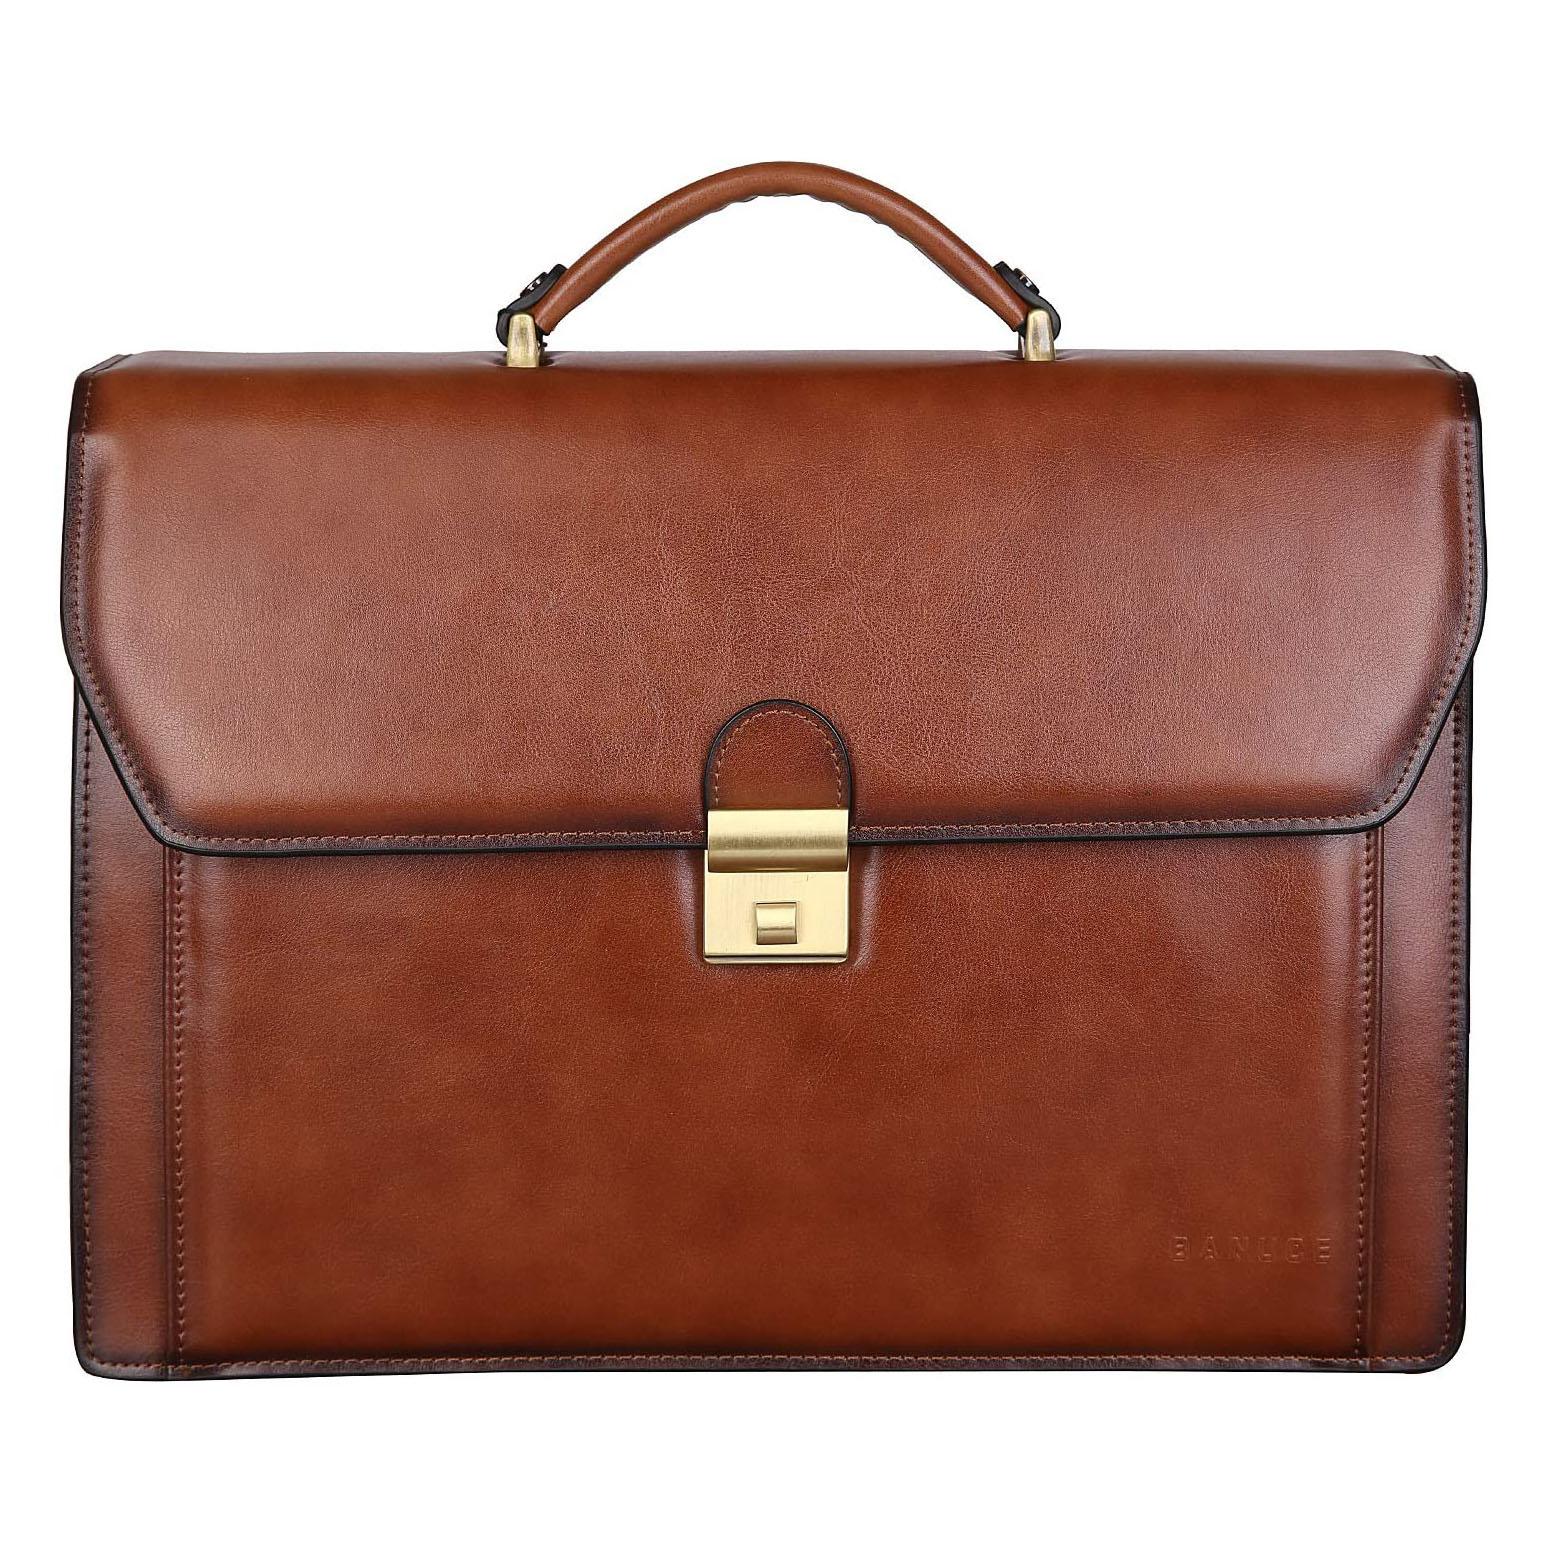 Banuce Vintage Leather Briefcase